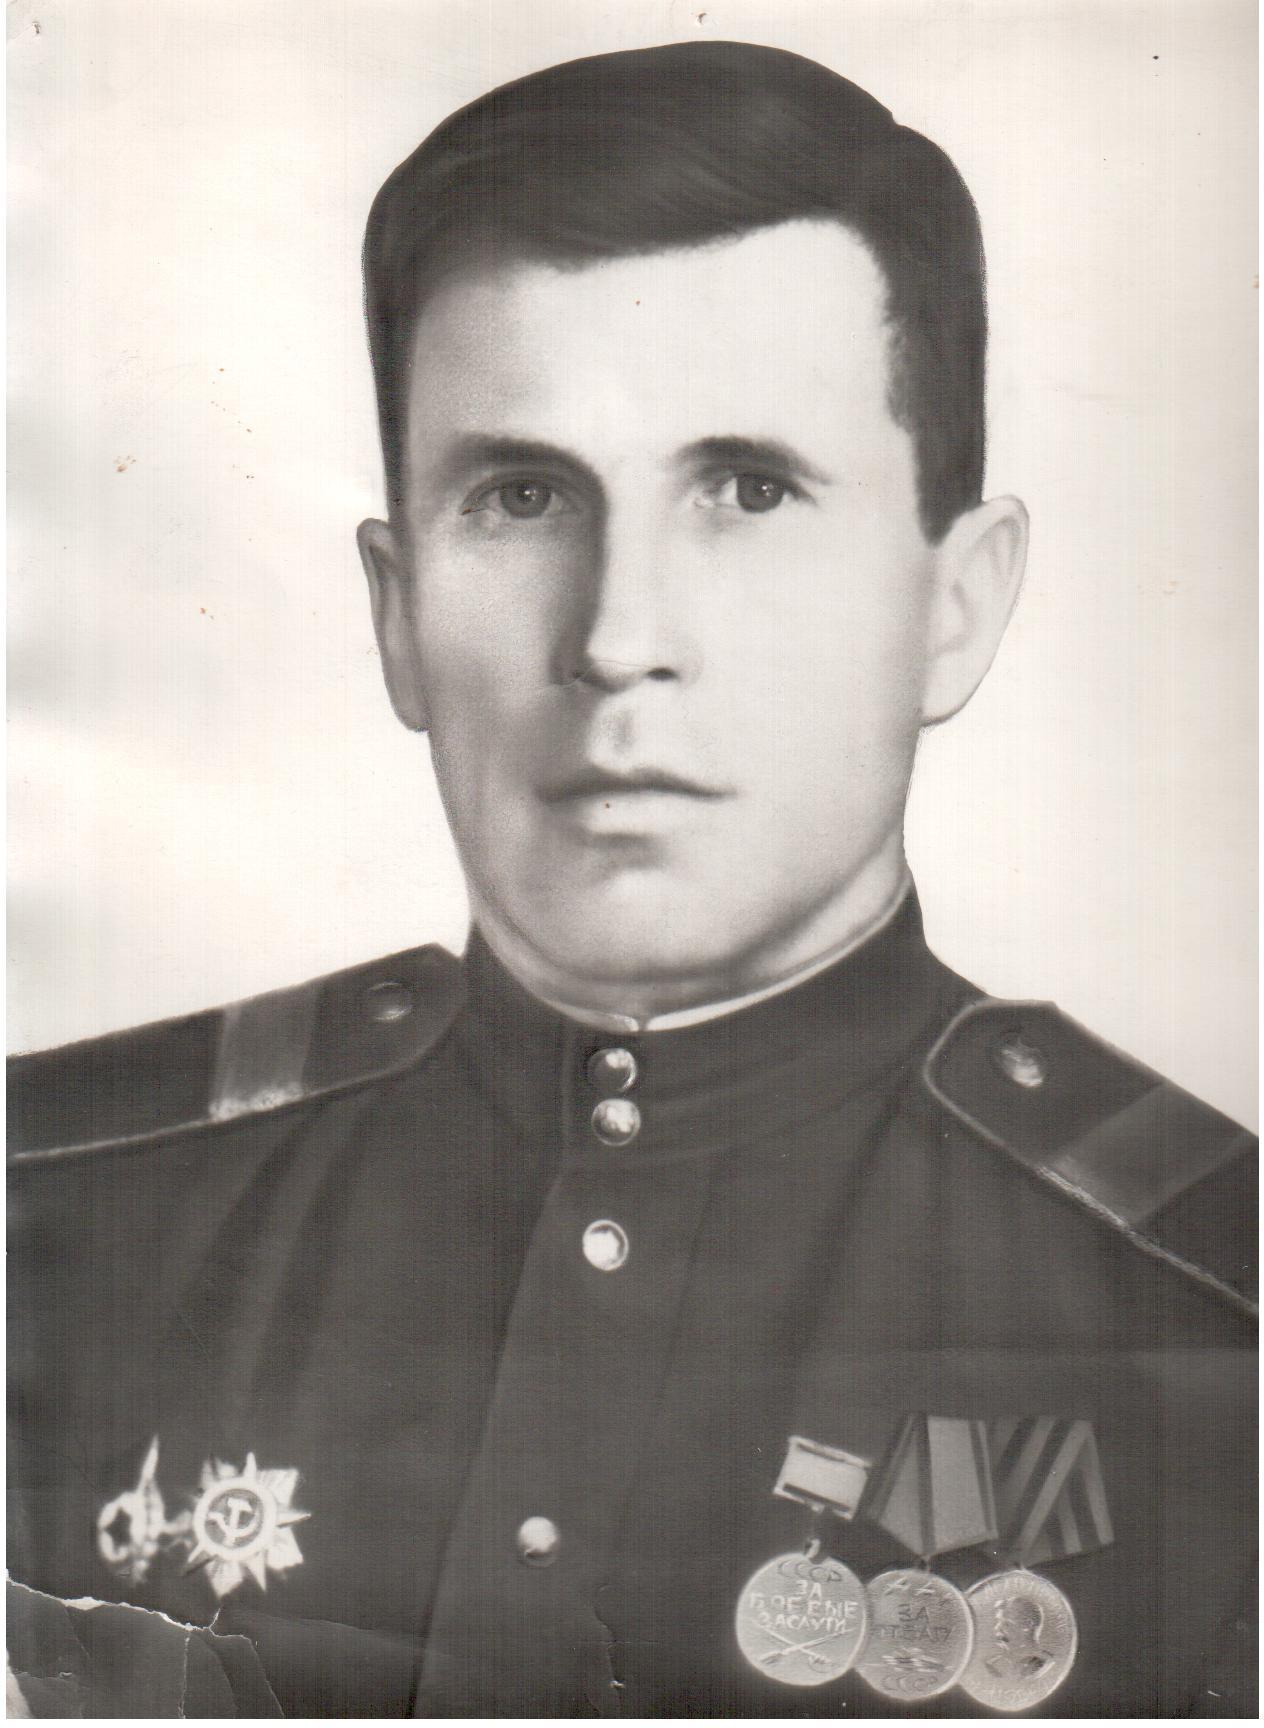 Старший сержант Калинин не раз за время войны проявил героизм